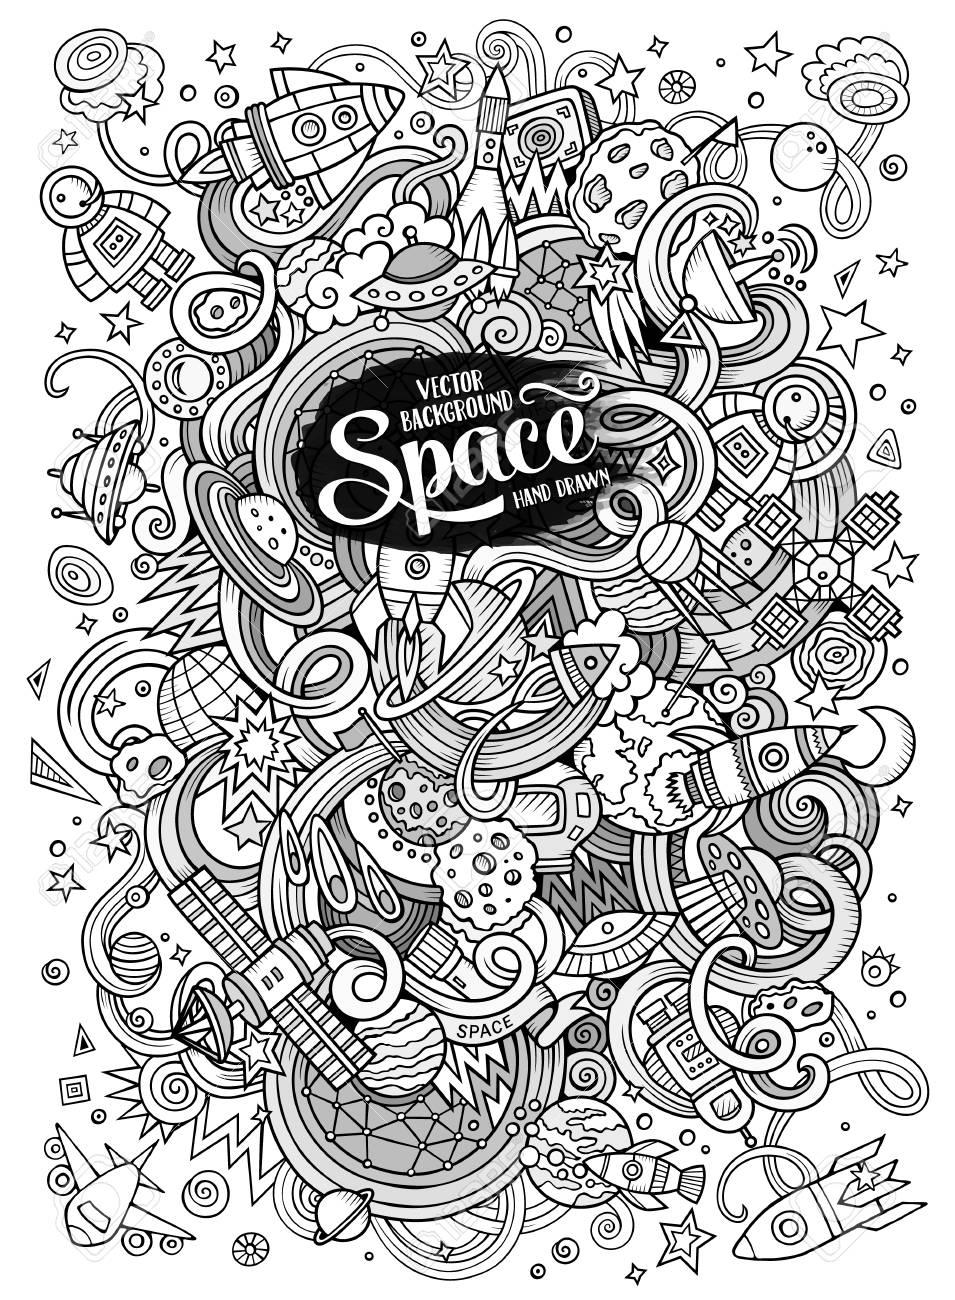 Dessin Anime Doodles Dessines A La Main Illustration De L Espace